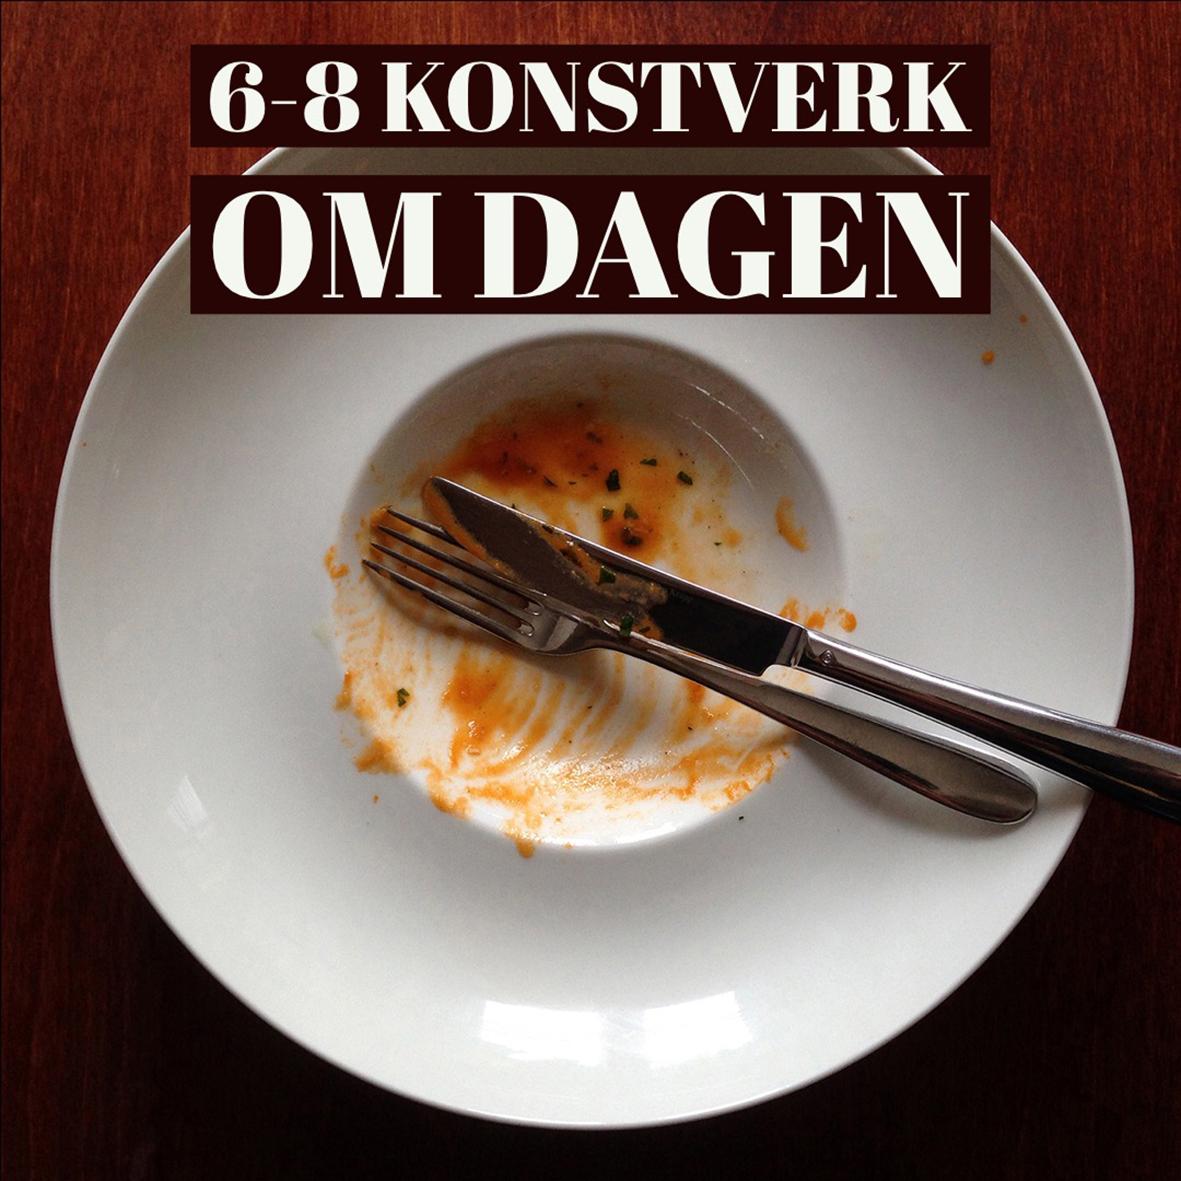 """Utställningen """"6-8 konstverk om dagen"""" visas i Konsthallen Hamnmagasinet i Askersund 2019."""